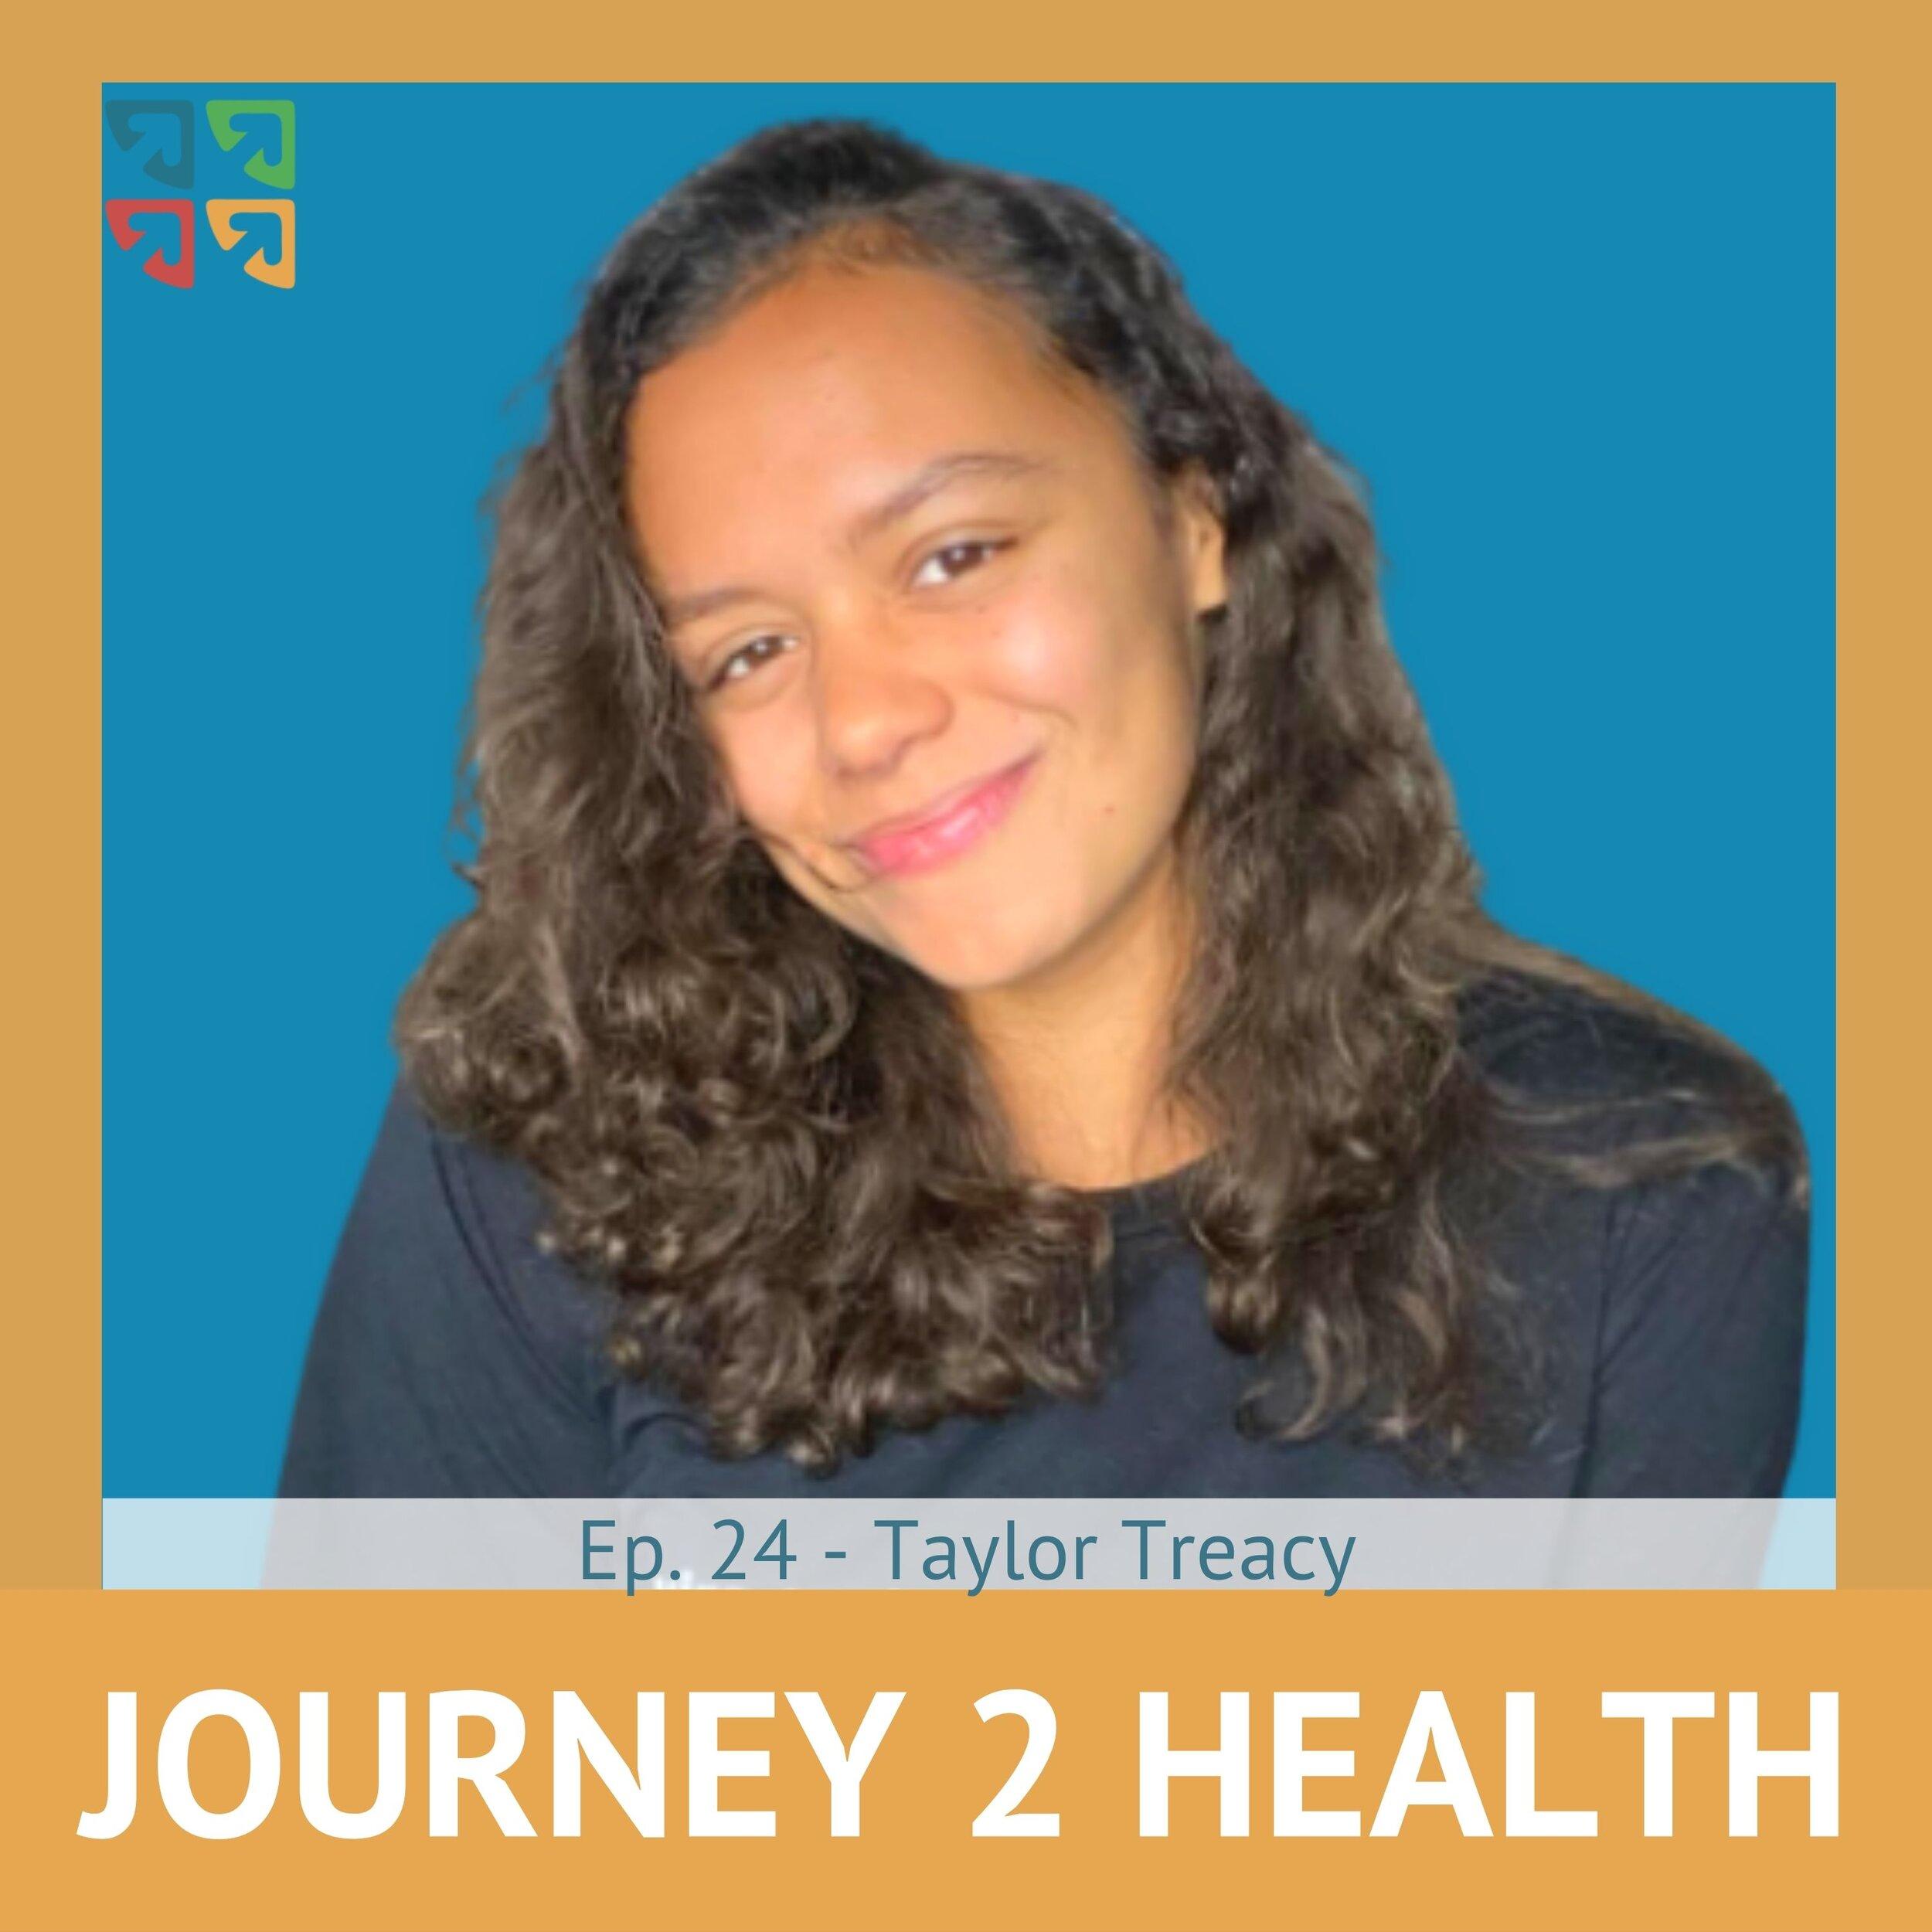 Ep #24 - Taylor Treacy